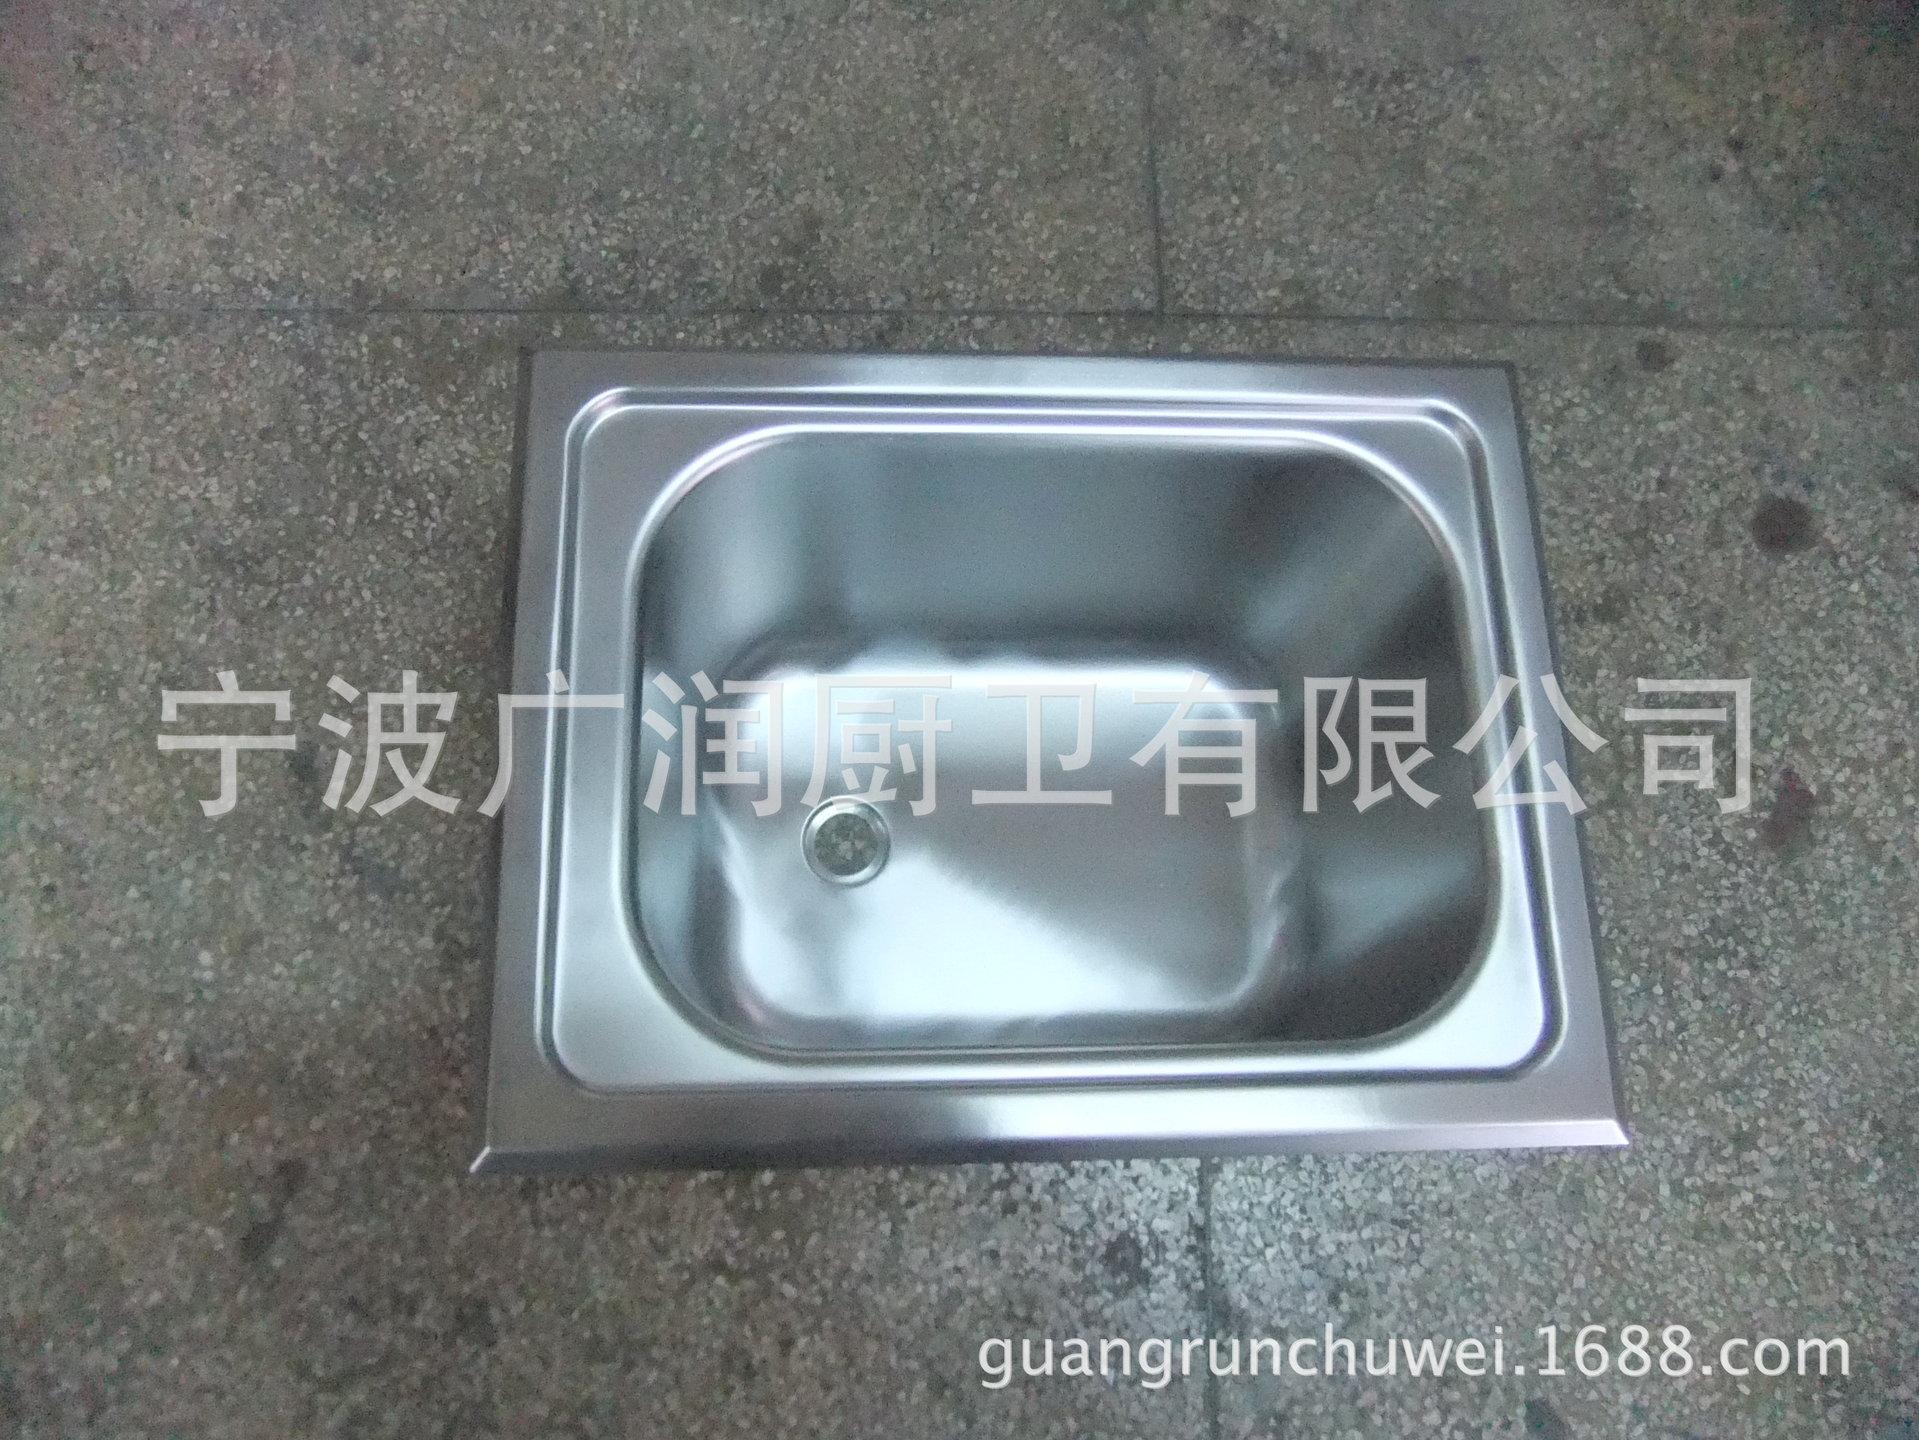 工厂供应不锈钢水槽 台上盆 外尺寸463*348*254mm 内尺寸3